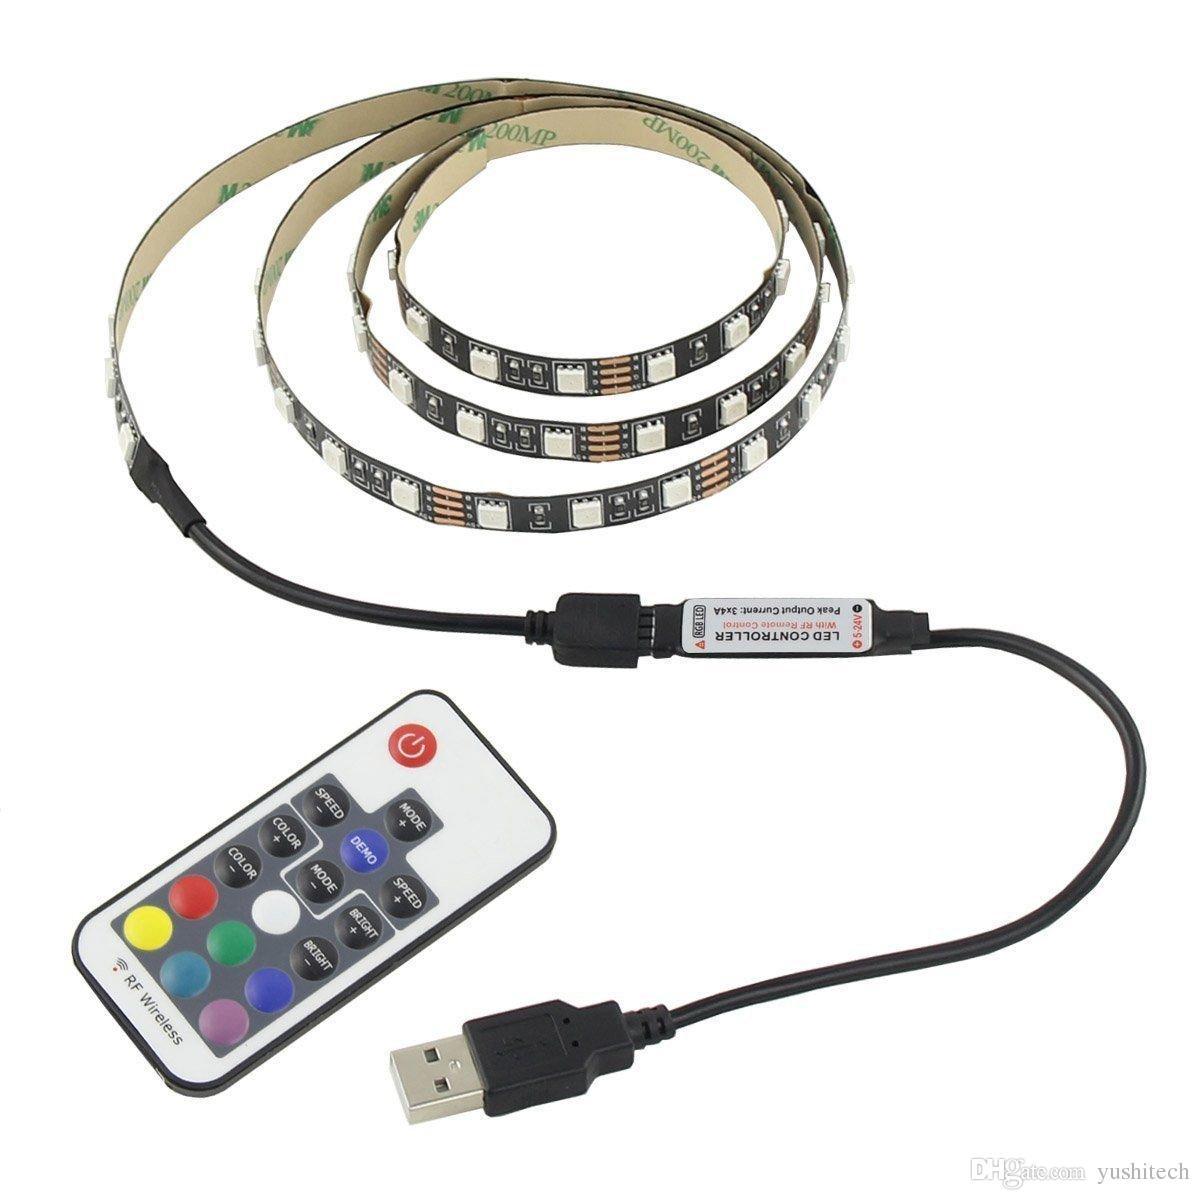 Acquista 5 v cavo usb led striscia di luce della lampada 3 for Luce led striscia